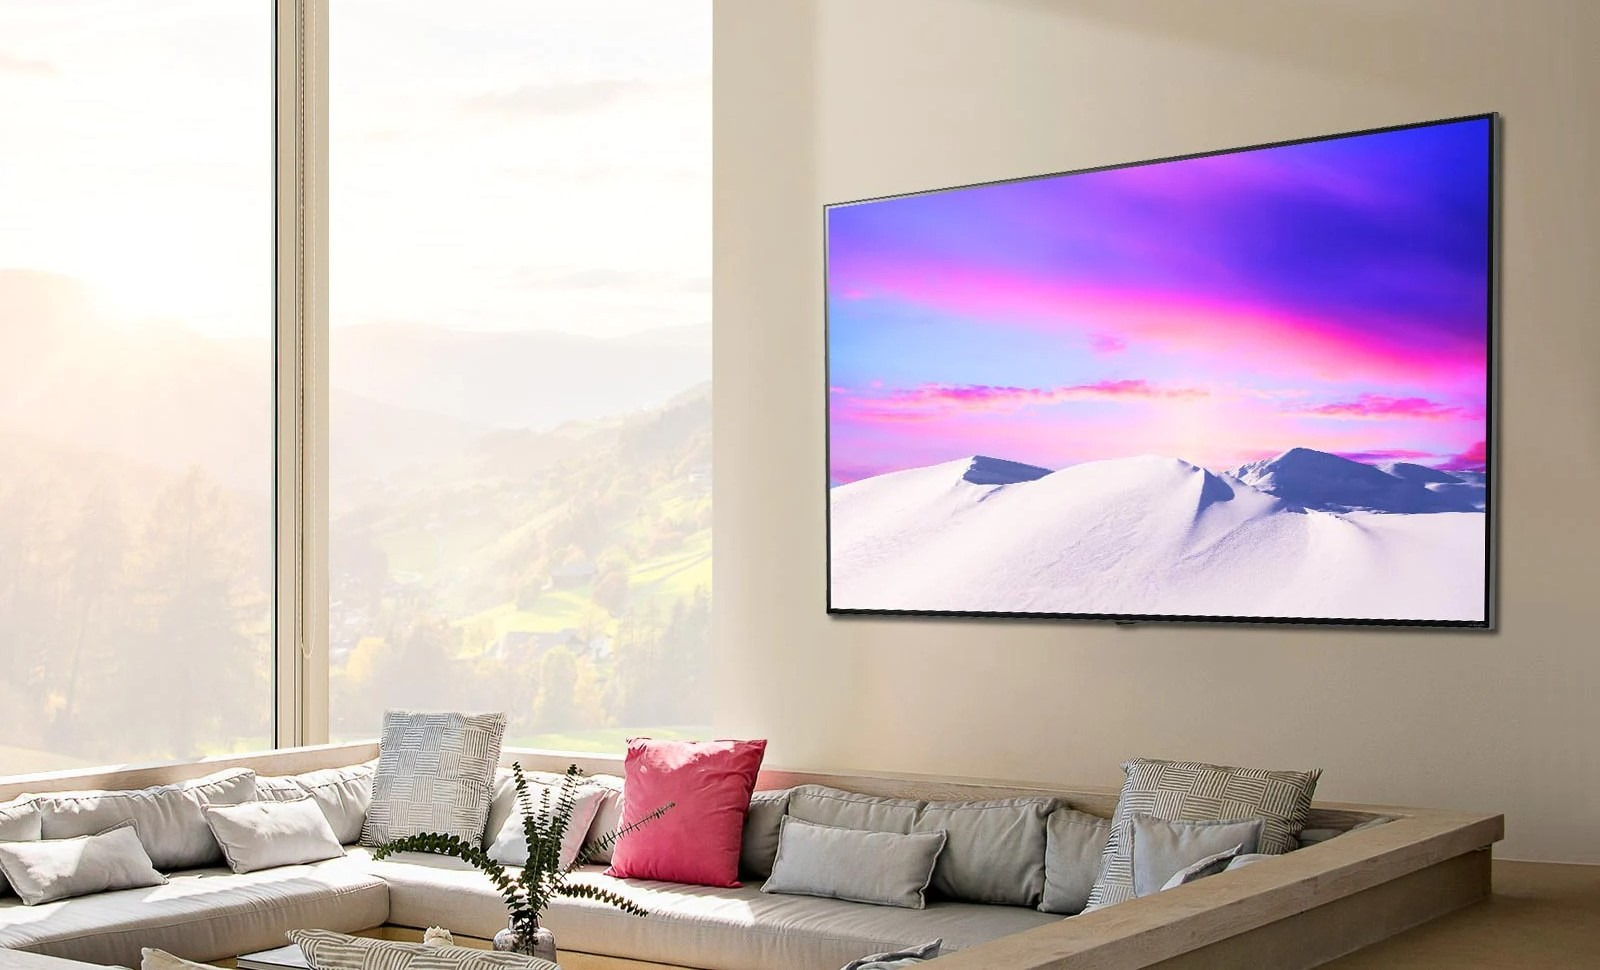 Τηλεόραση με περισσότερες από μία καλλιτεχνικές πλευρές